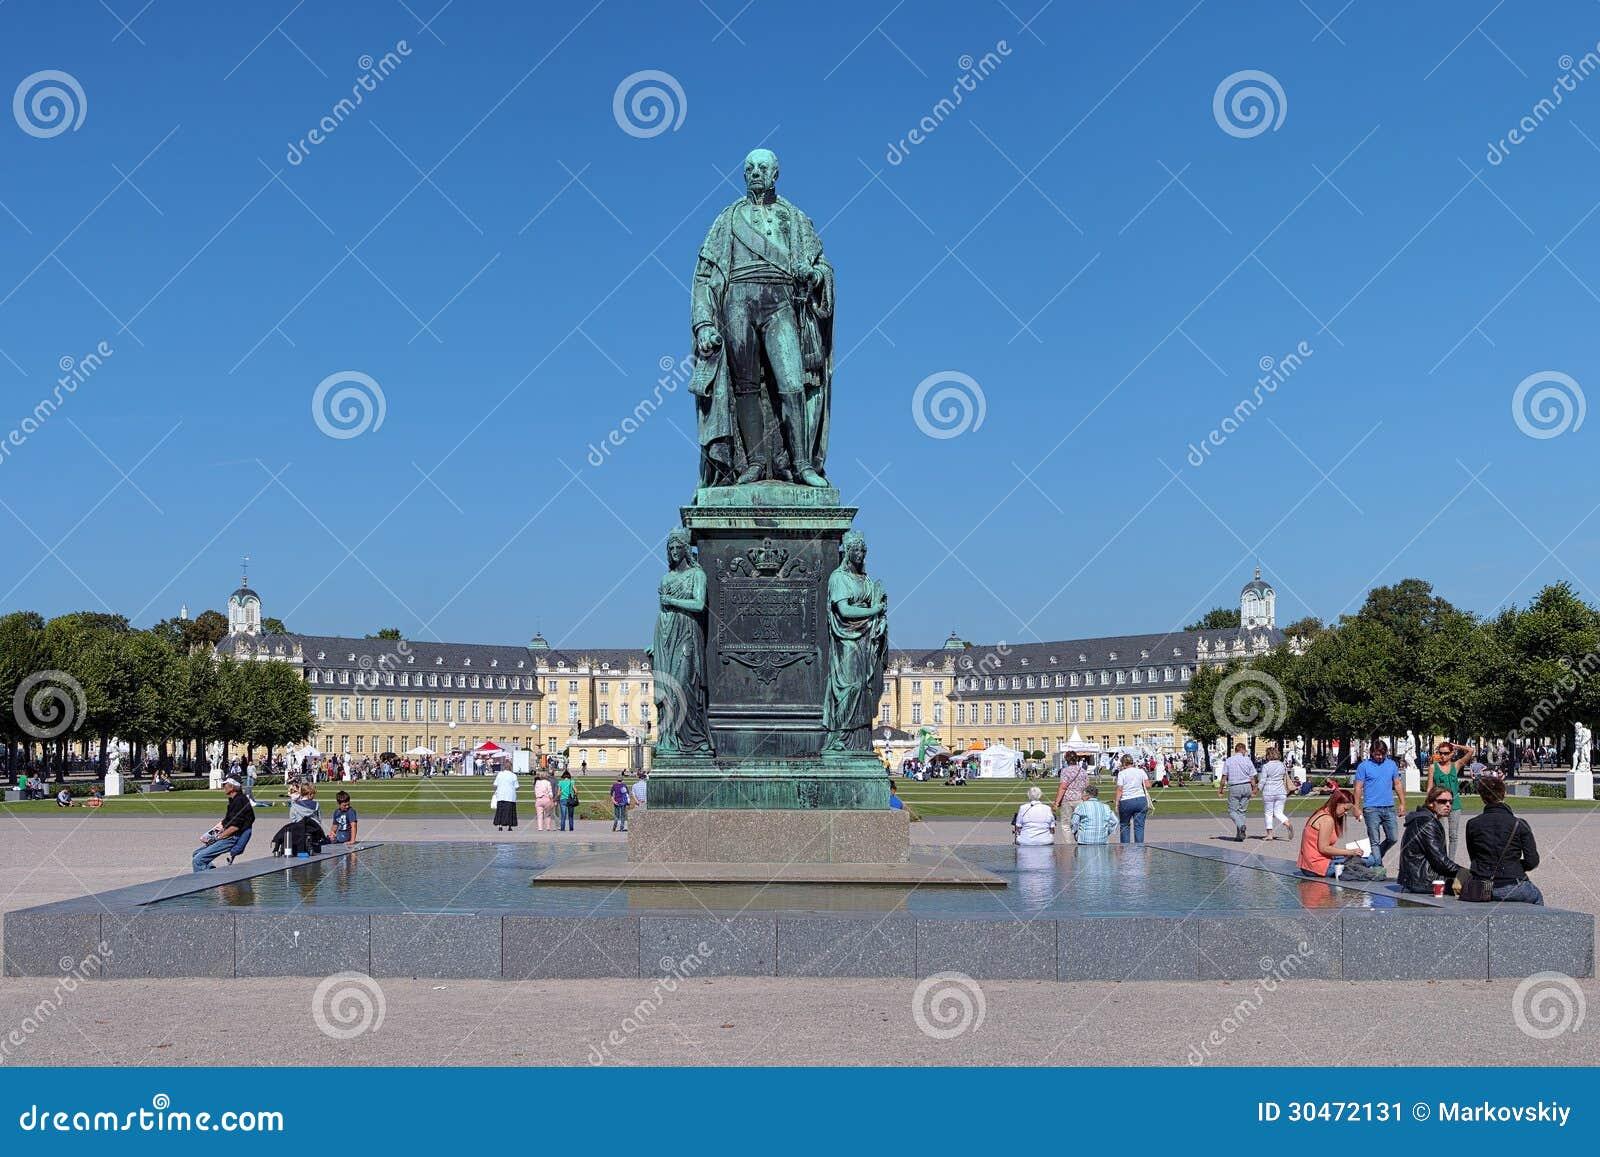 Monument of Karl Friedrich von Baden in Karlsruhe